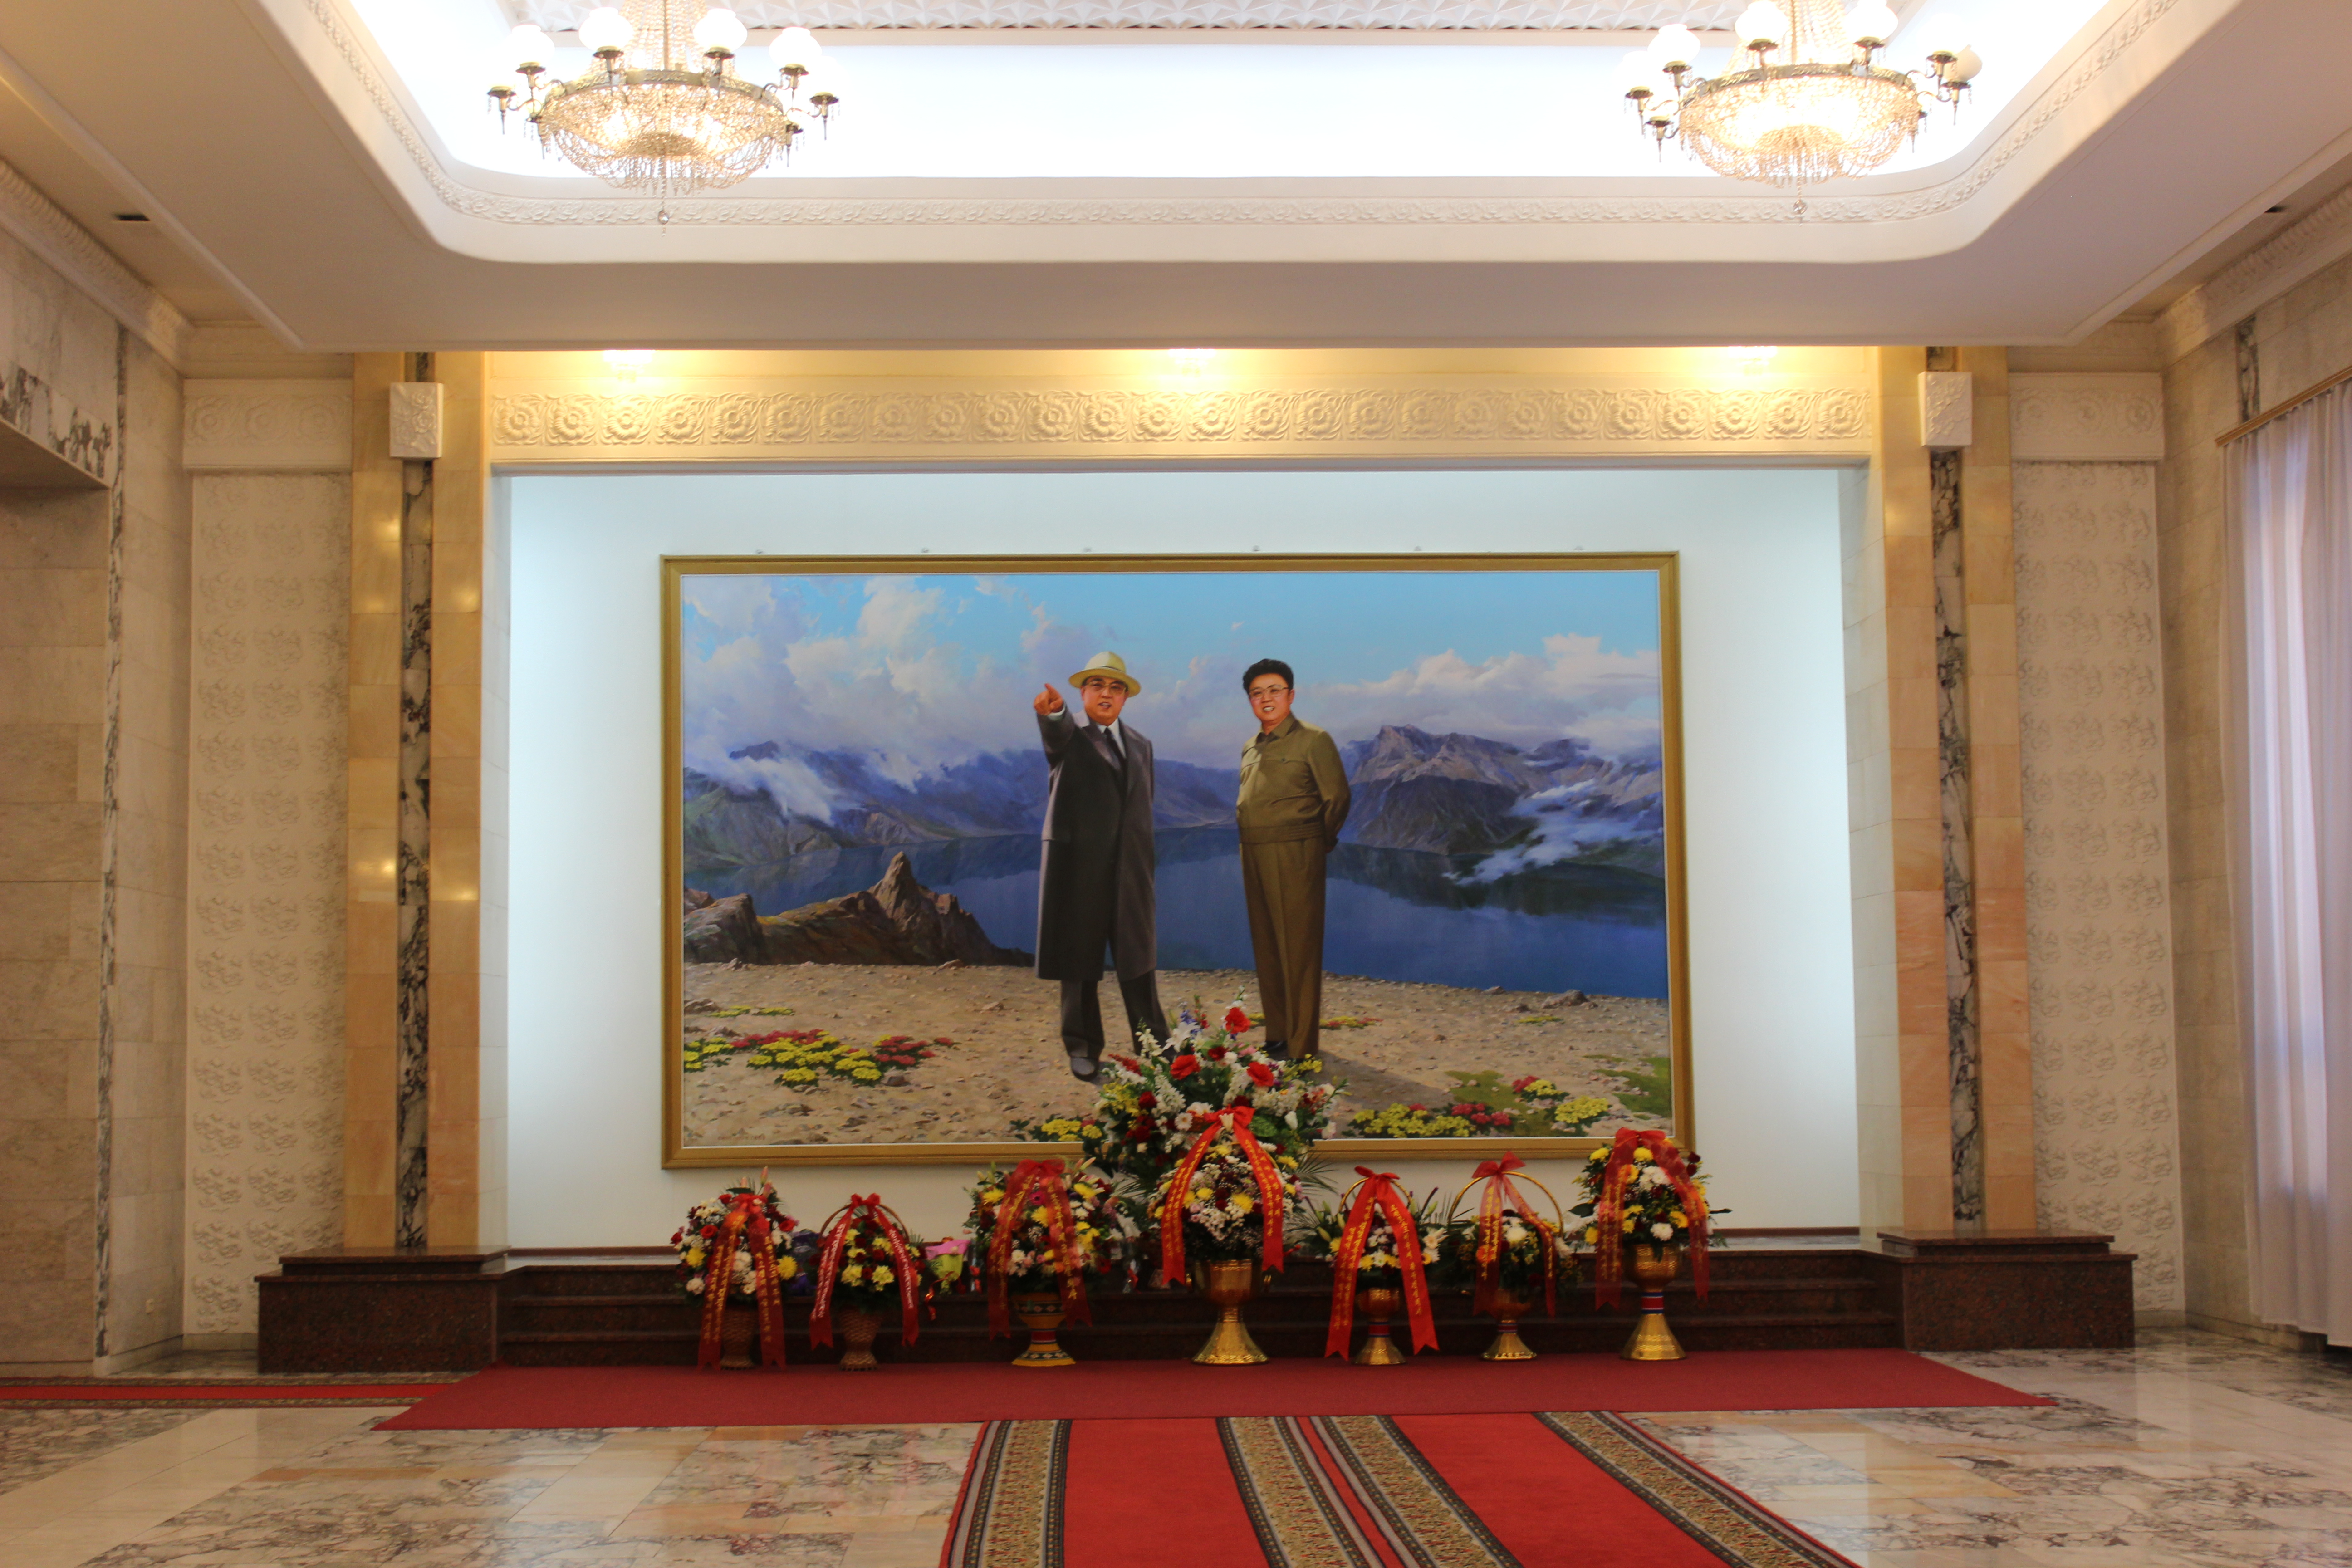 Председателю Трудовой Партии Кореи,                                Председателю Государственного Совета КНДР,                                Верховному Главнокомандующему КНА,                                Товарищу Ким Чен Ыну!       КНДР, Пхеньян.    ПОЛИТИЧЕСКОЕ ЗАЯВЛЕНИЕ